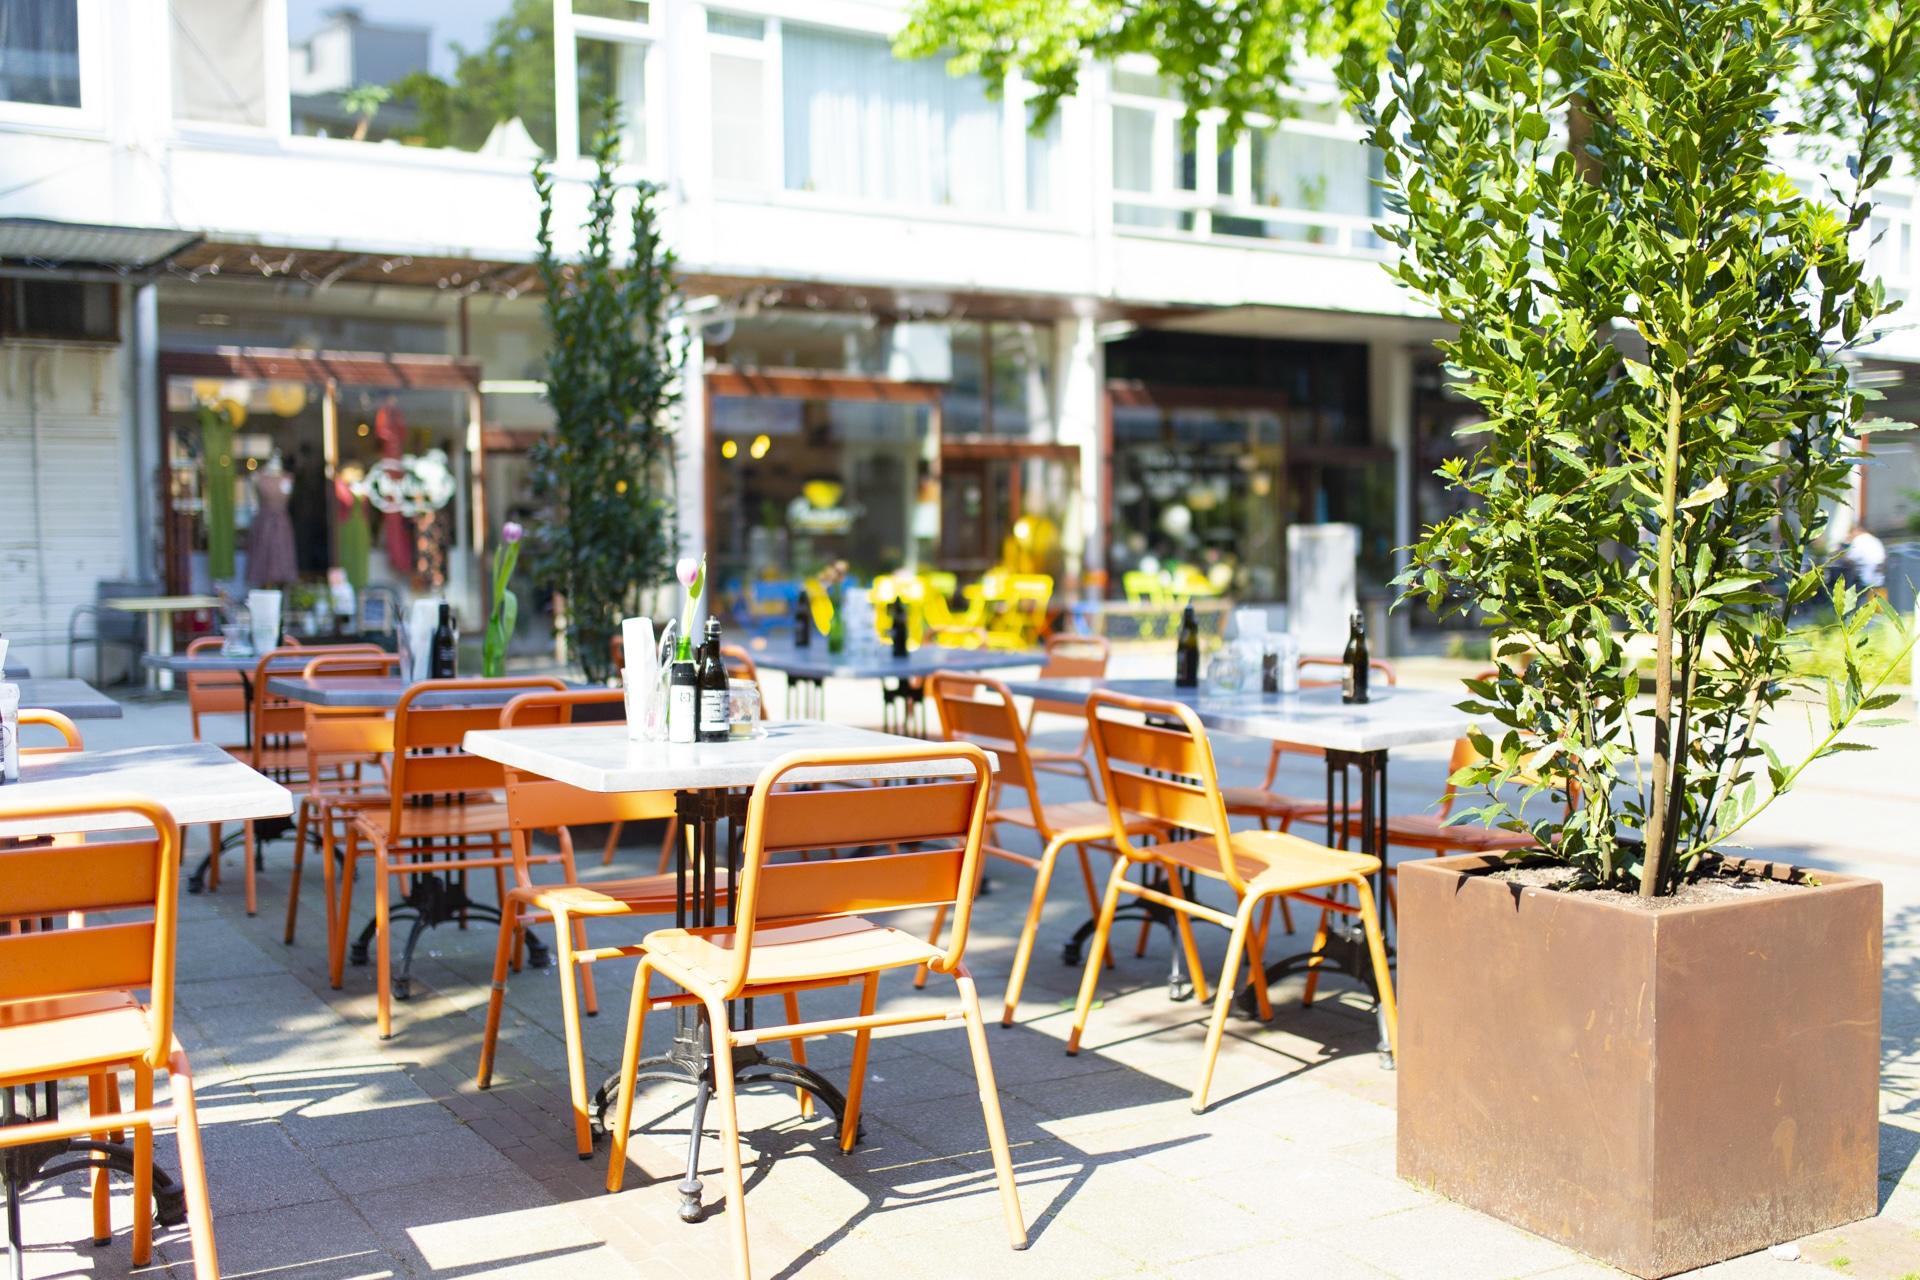 Mangiare in het gezellige MaHo Kwartier. Op zonnige dagen kun je hier heel gezellig op het terras zitten.